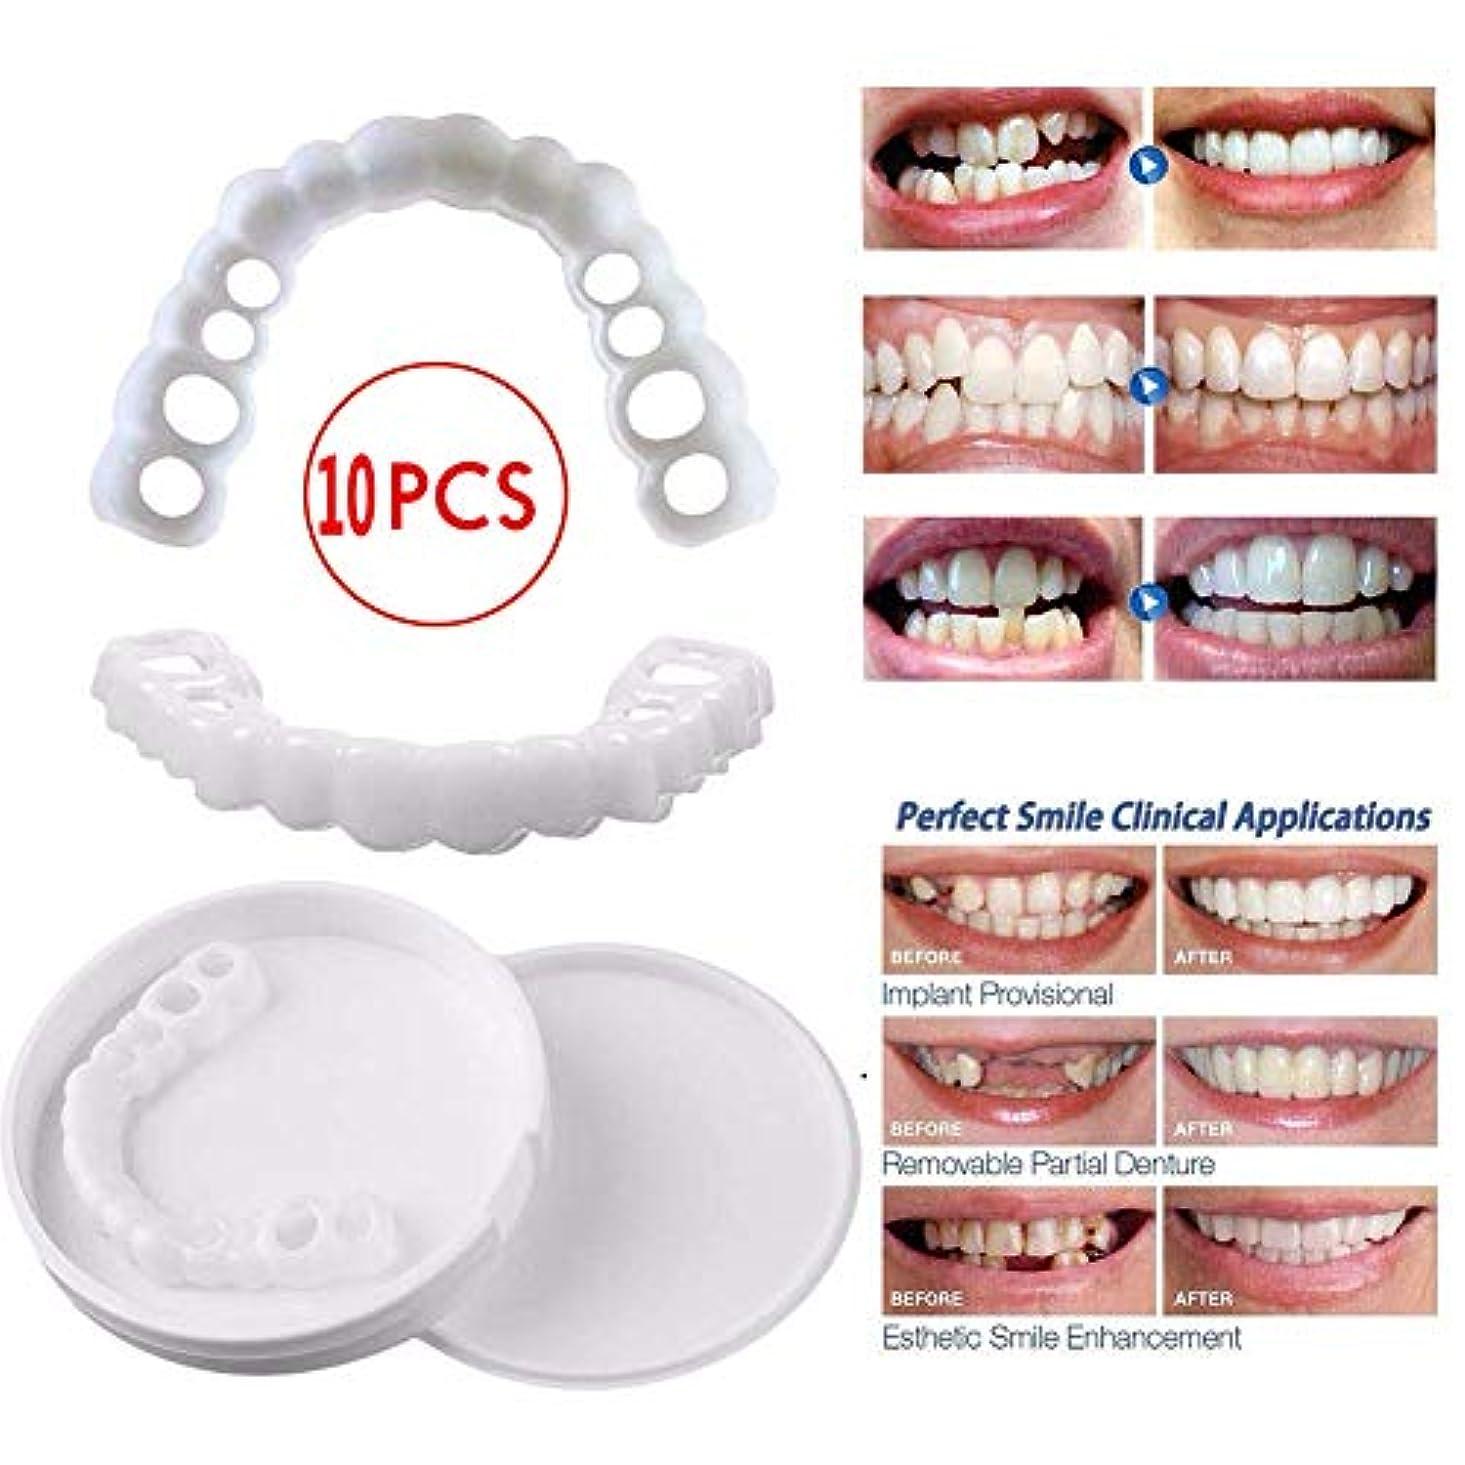 水星十分に受取人10個の一時的な歯のホワイトニング、歯の一時的な化粧品の歯の義歯歯の化粧品の収納ボックス付き偽の歯カバー,10pcsupperteeth